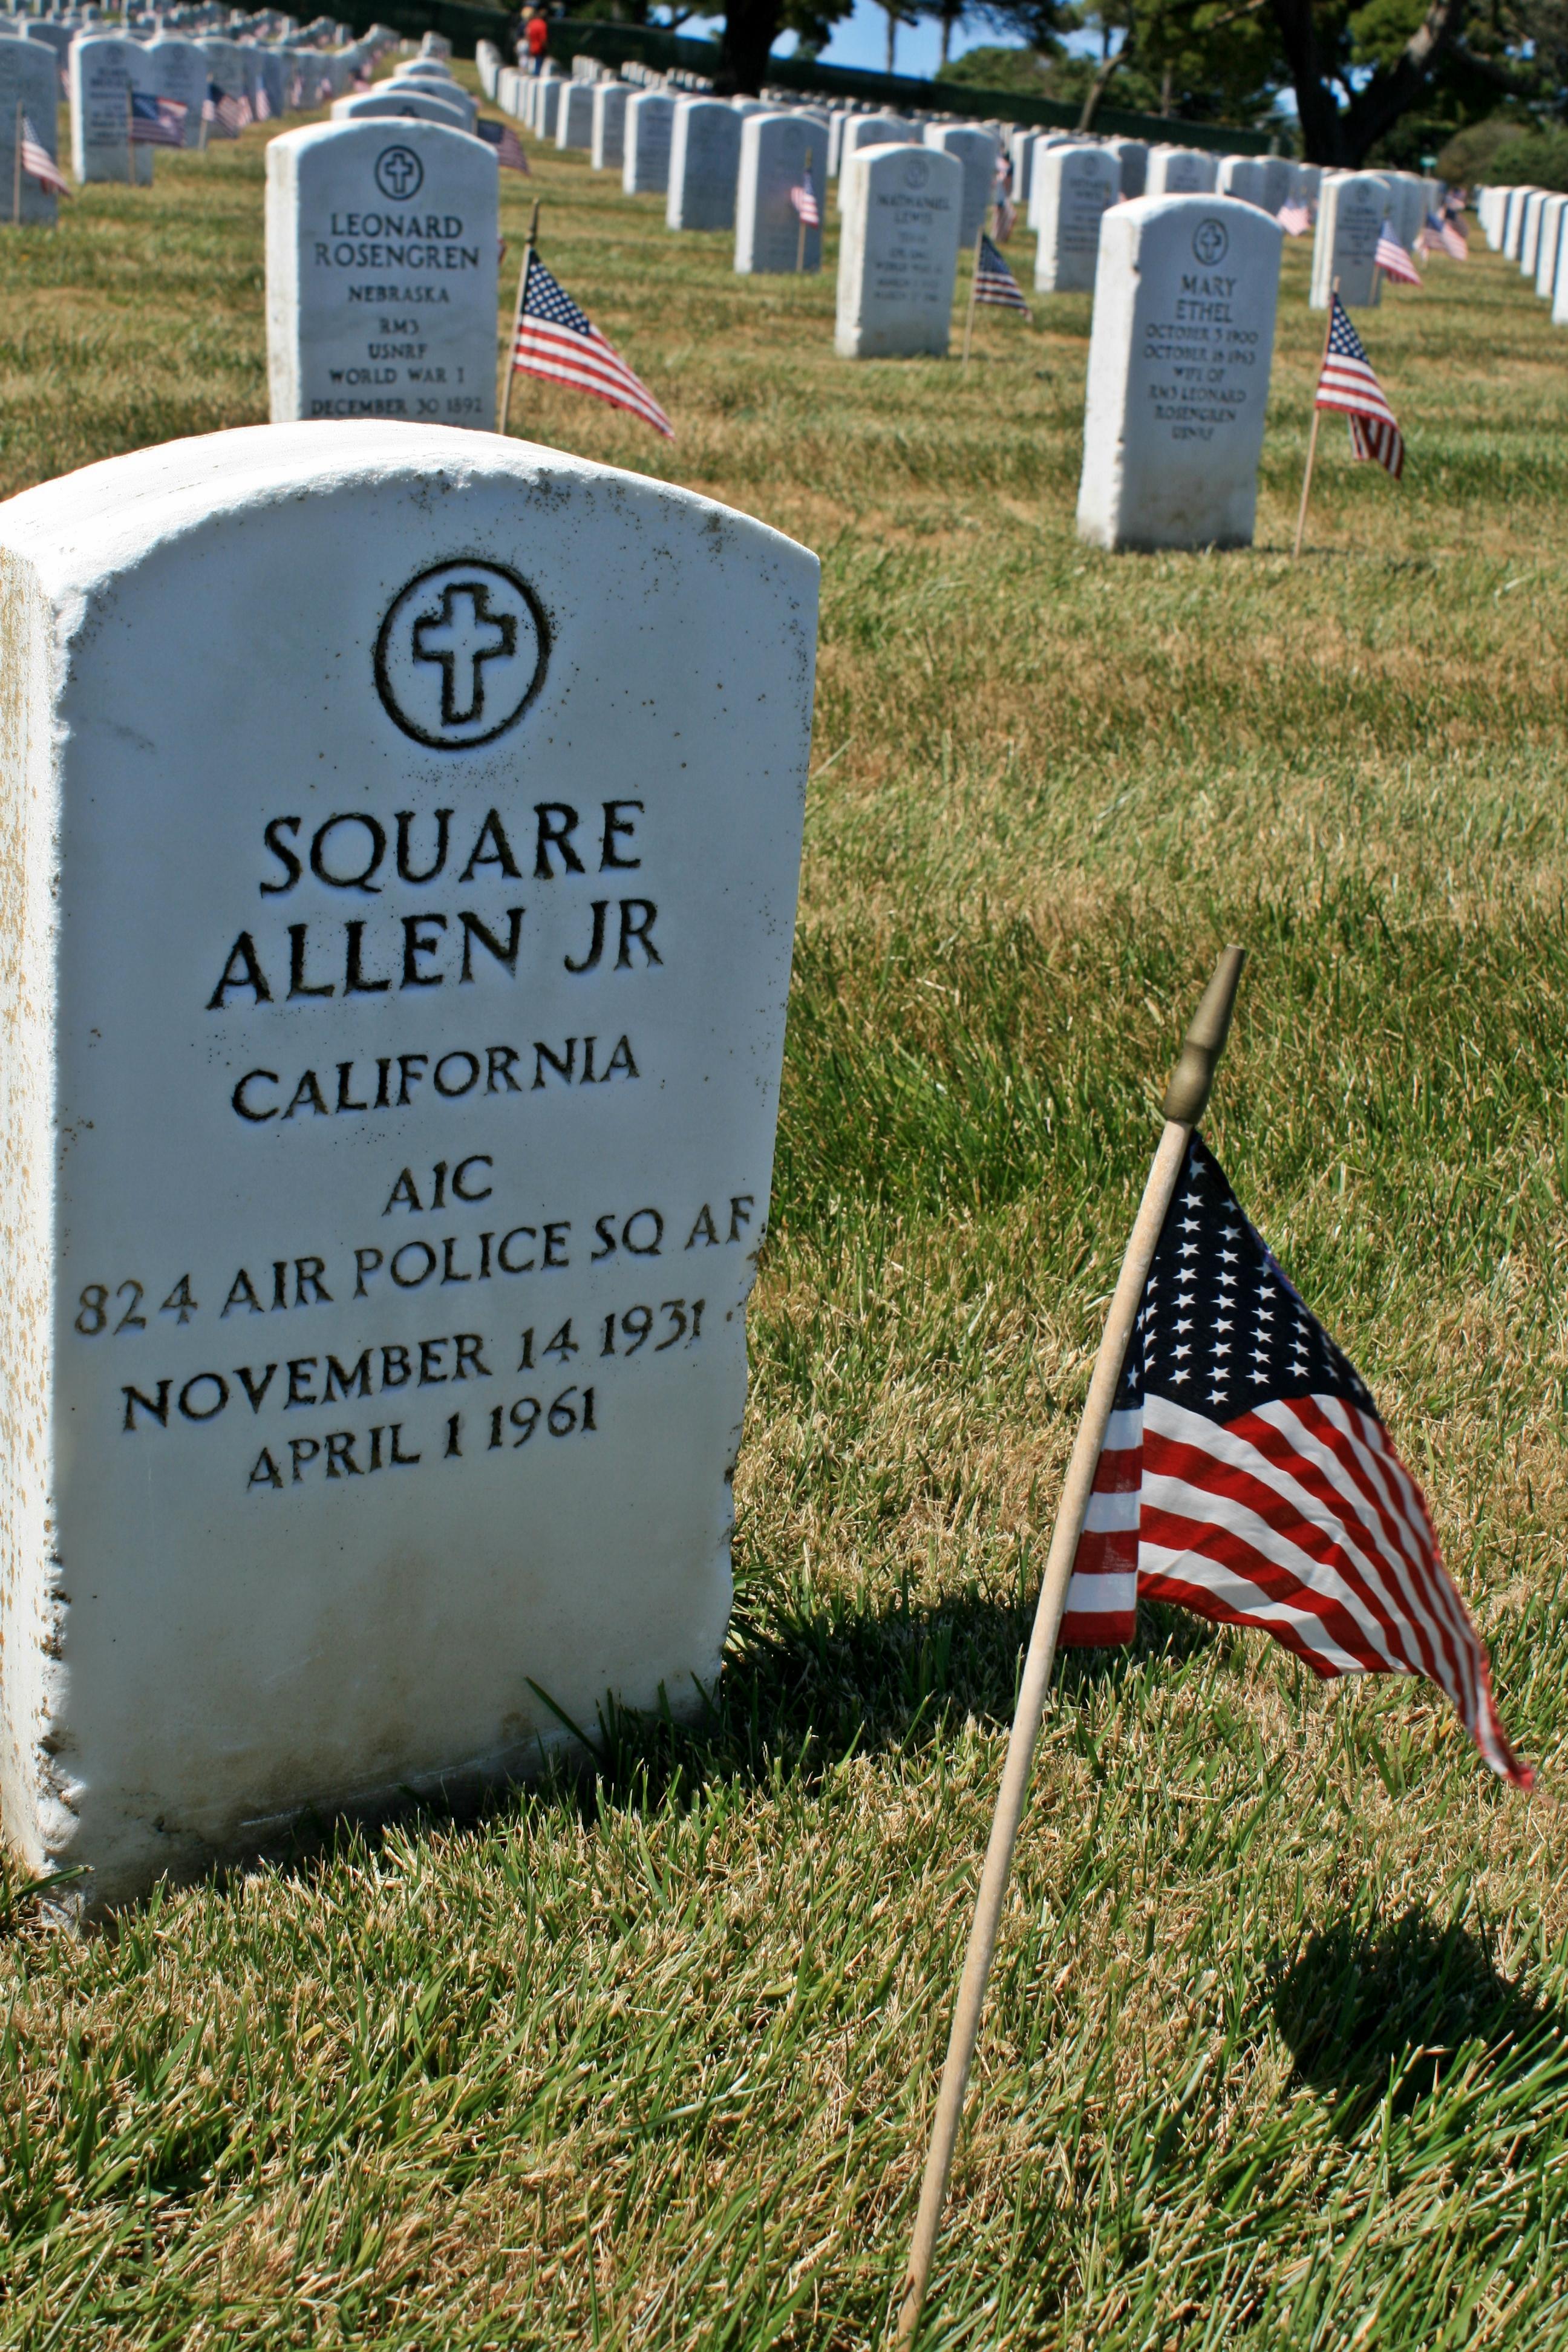 Square Allen, Jr